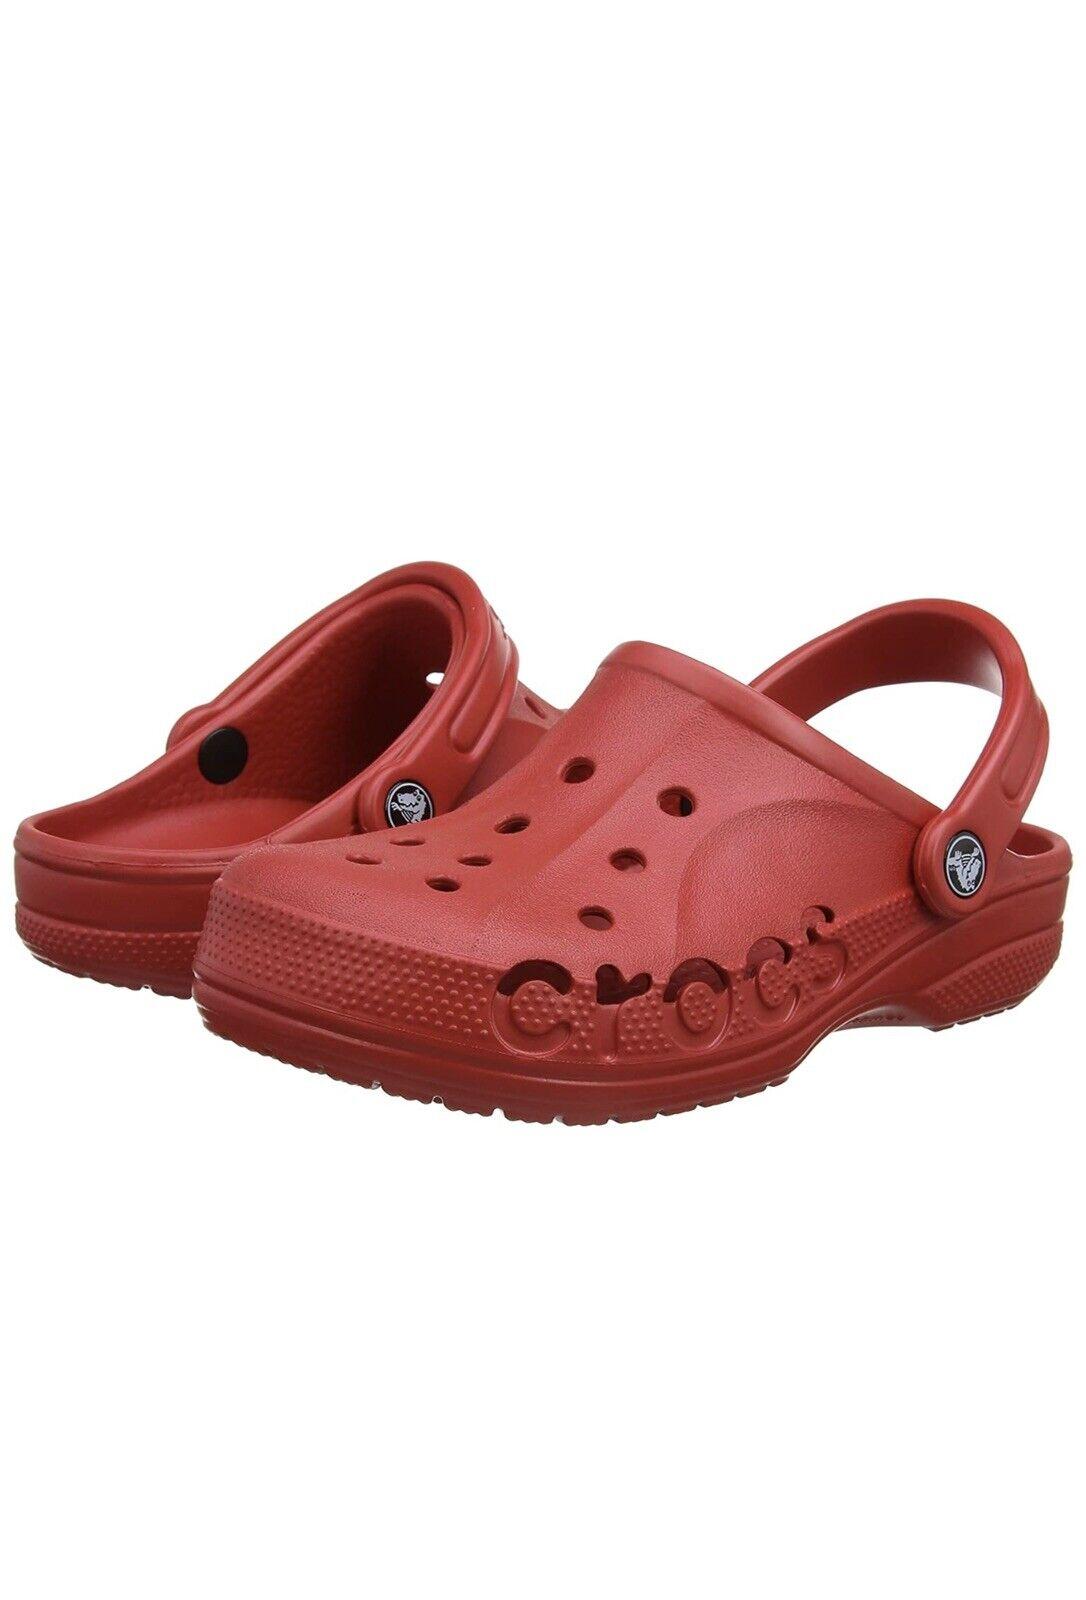 Crocs Baya Clog Unisex Slip On Shoes Size 8 NEW